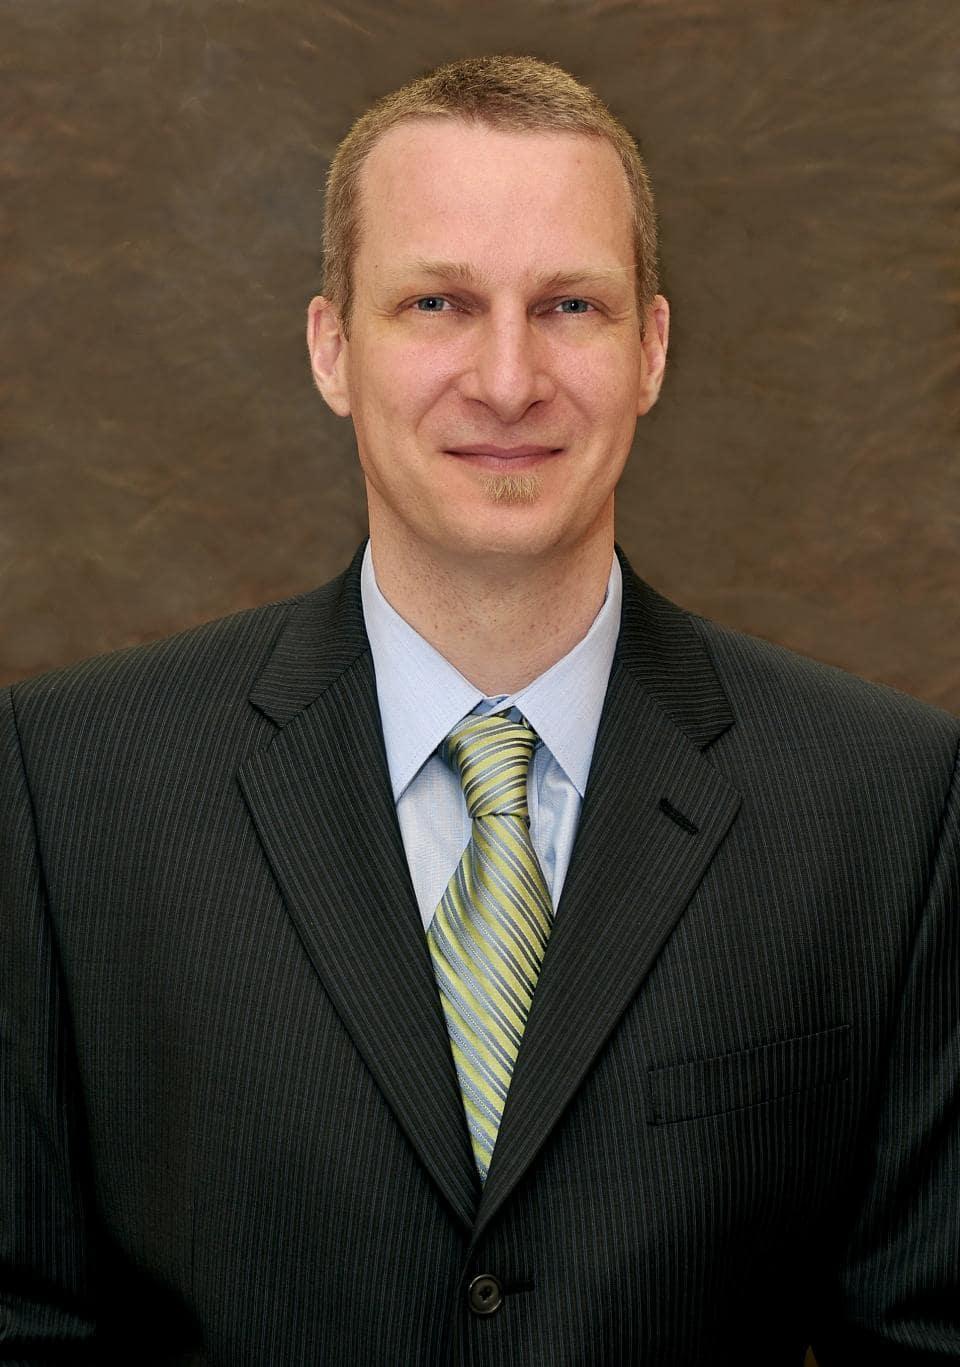 Dr. Florian G Huber MD